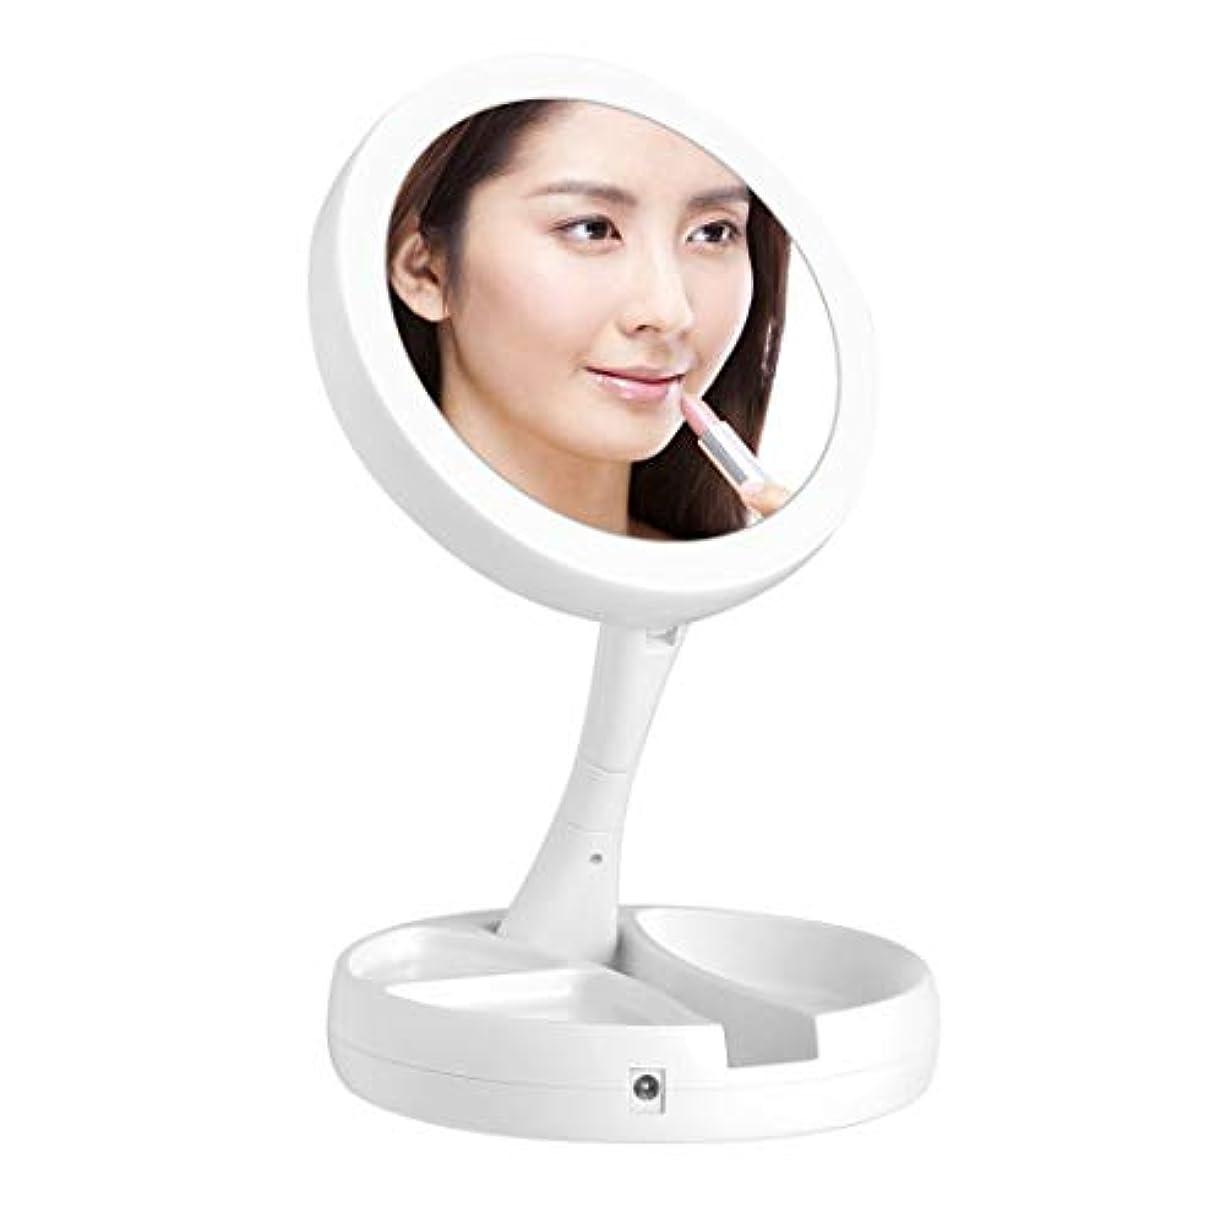 火薬バイパス低下kamaa化粧鏡 化粧ミラー 女優ミラー LED両面鏡 鏡 10倍拡大鏡付き 折り畳み式 卓上 テーブルランプUSB/電池給電 180°回転